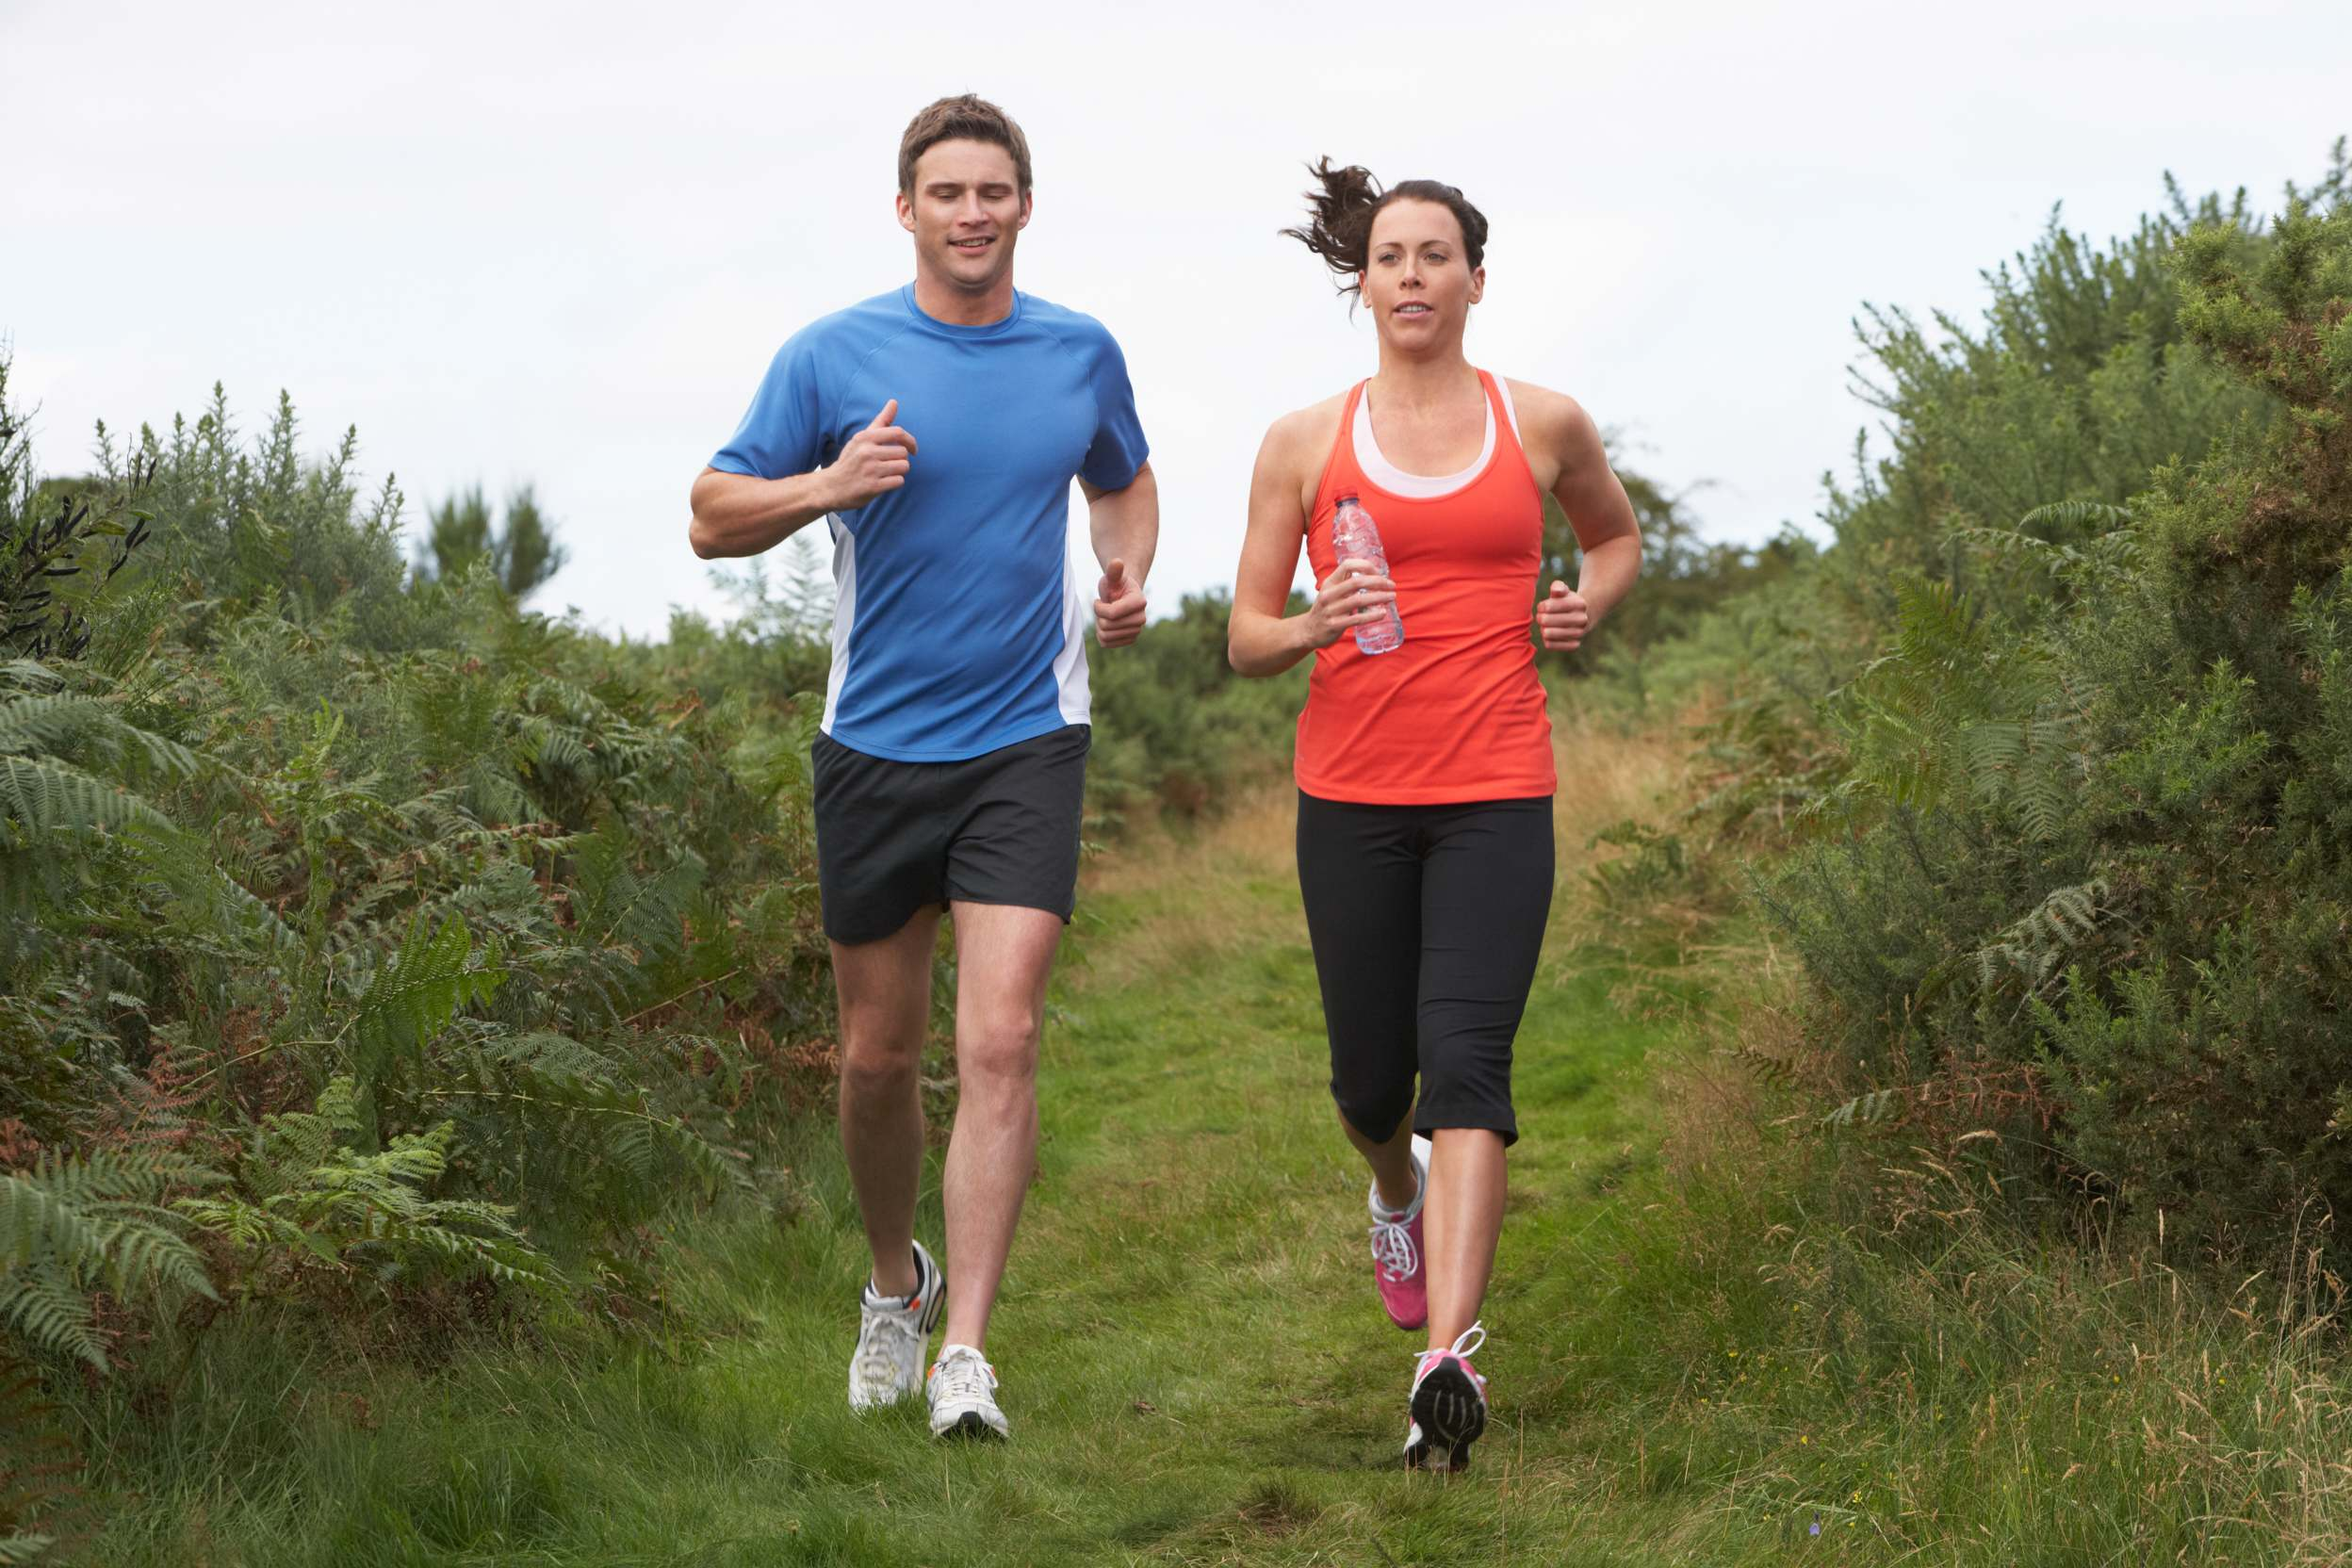 Darmbakterien profitieren von Ausdauersport